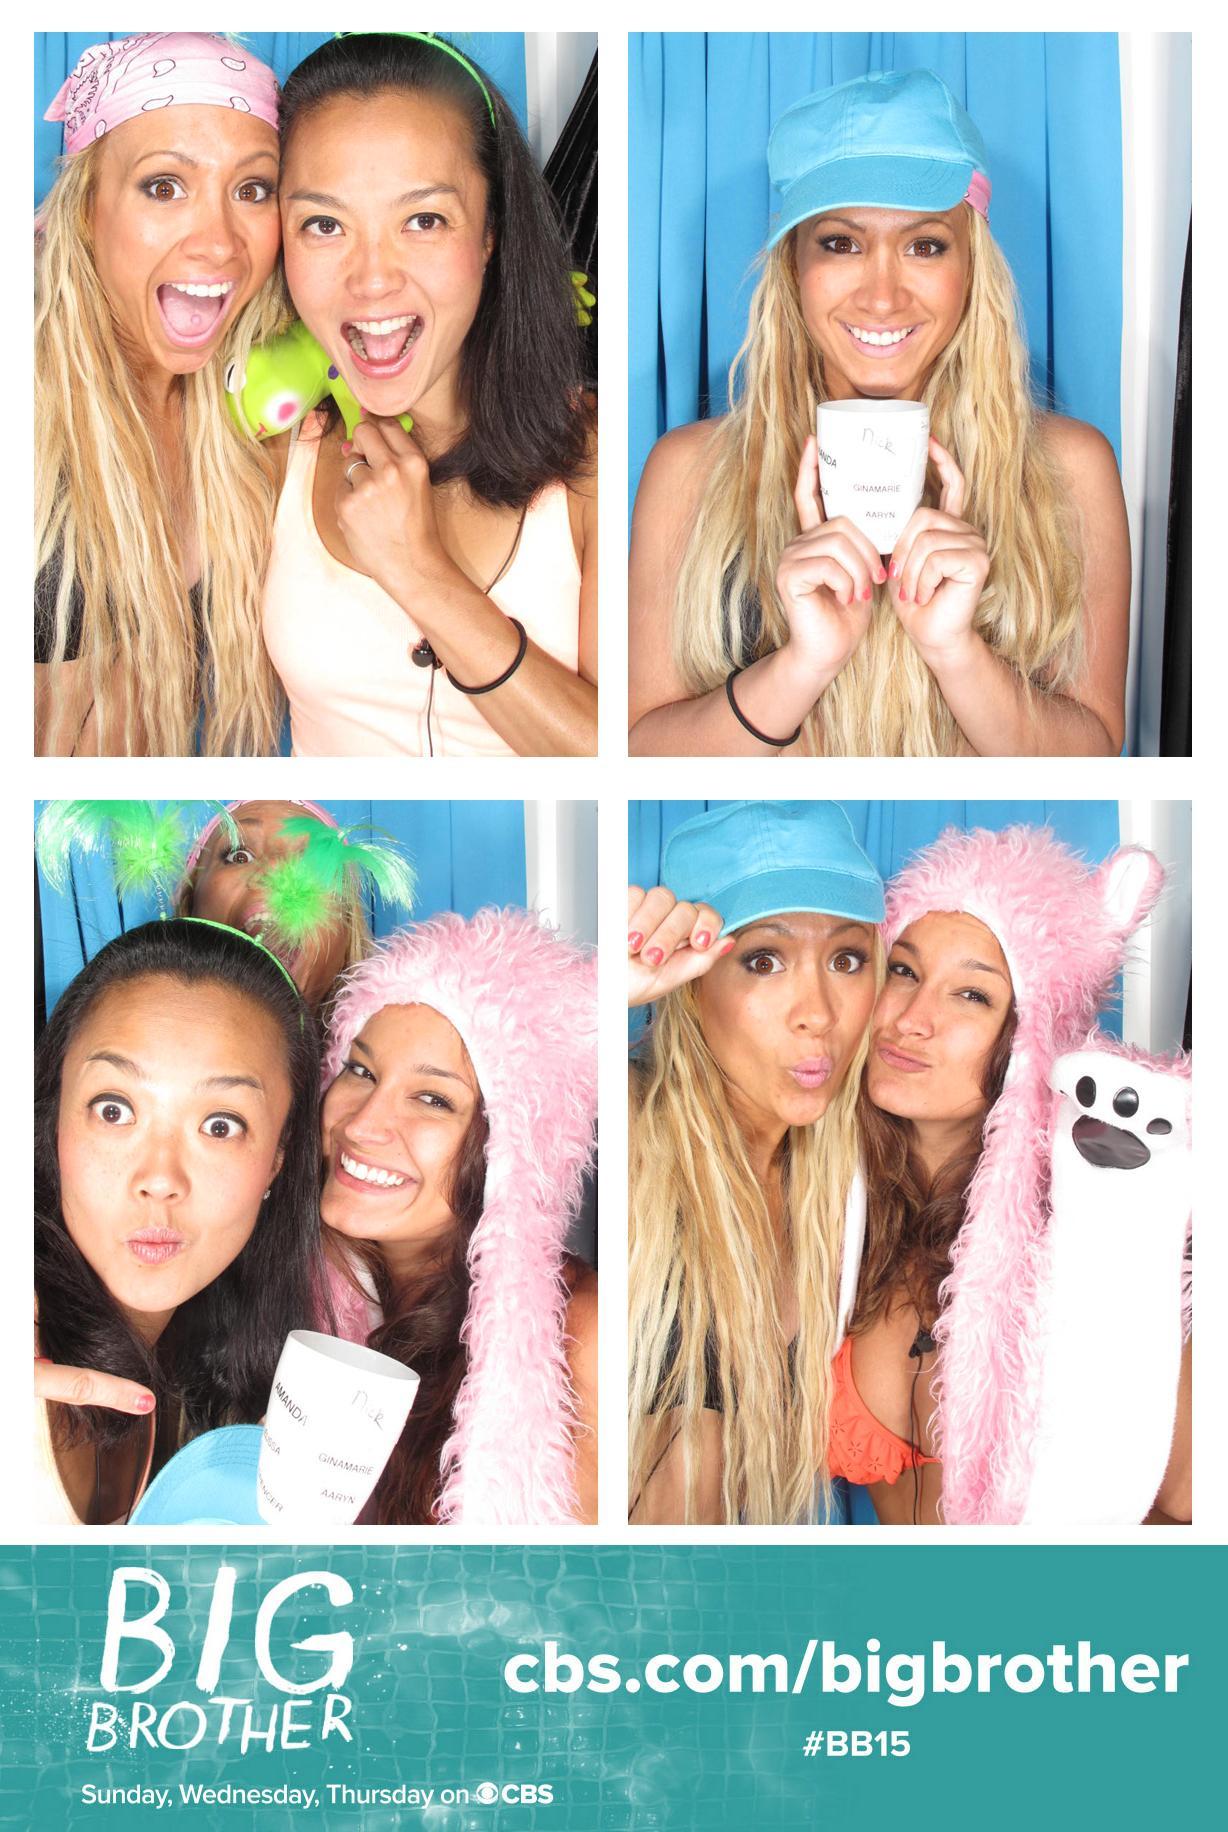 Having fun in the Photo Booth